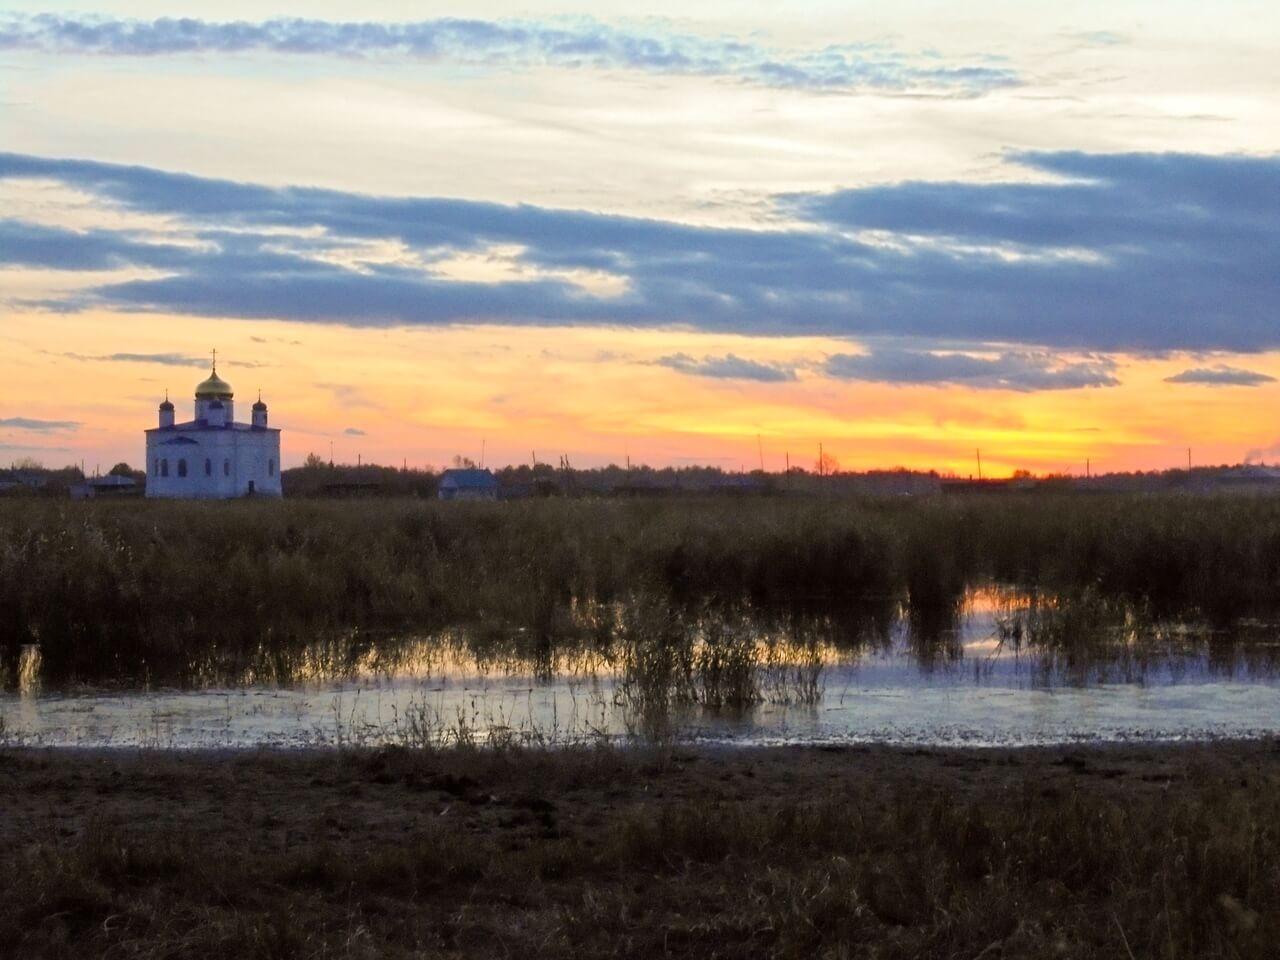 Село Костылево и Вознесенская церковь, Курганская область